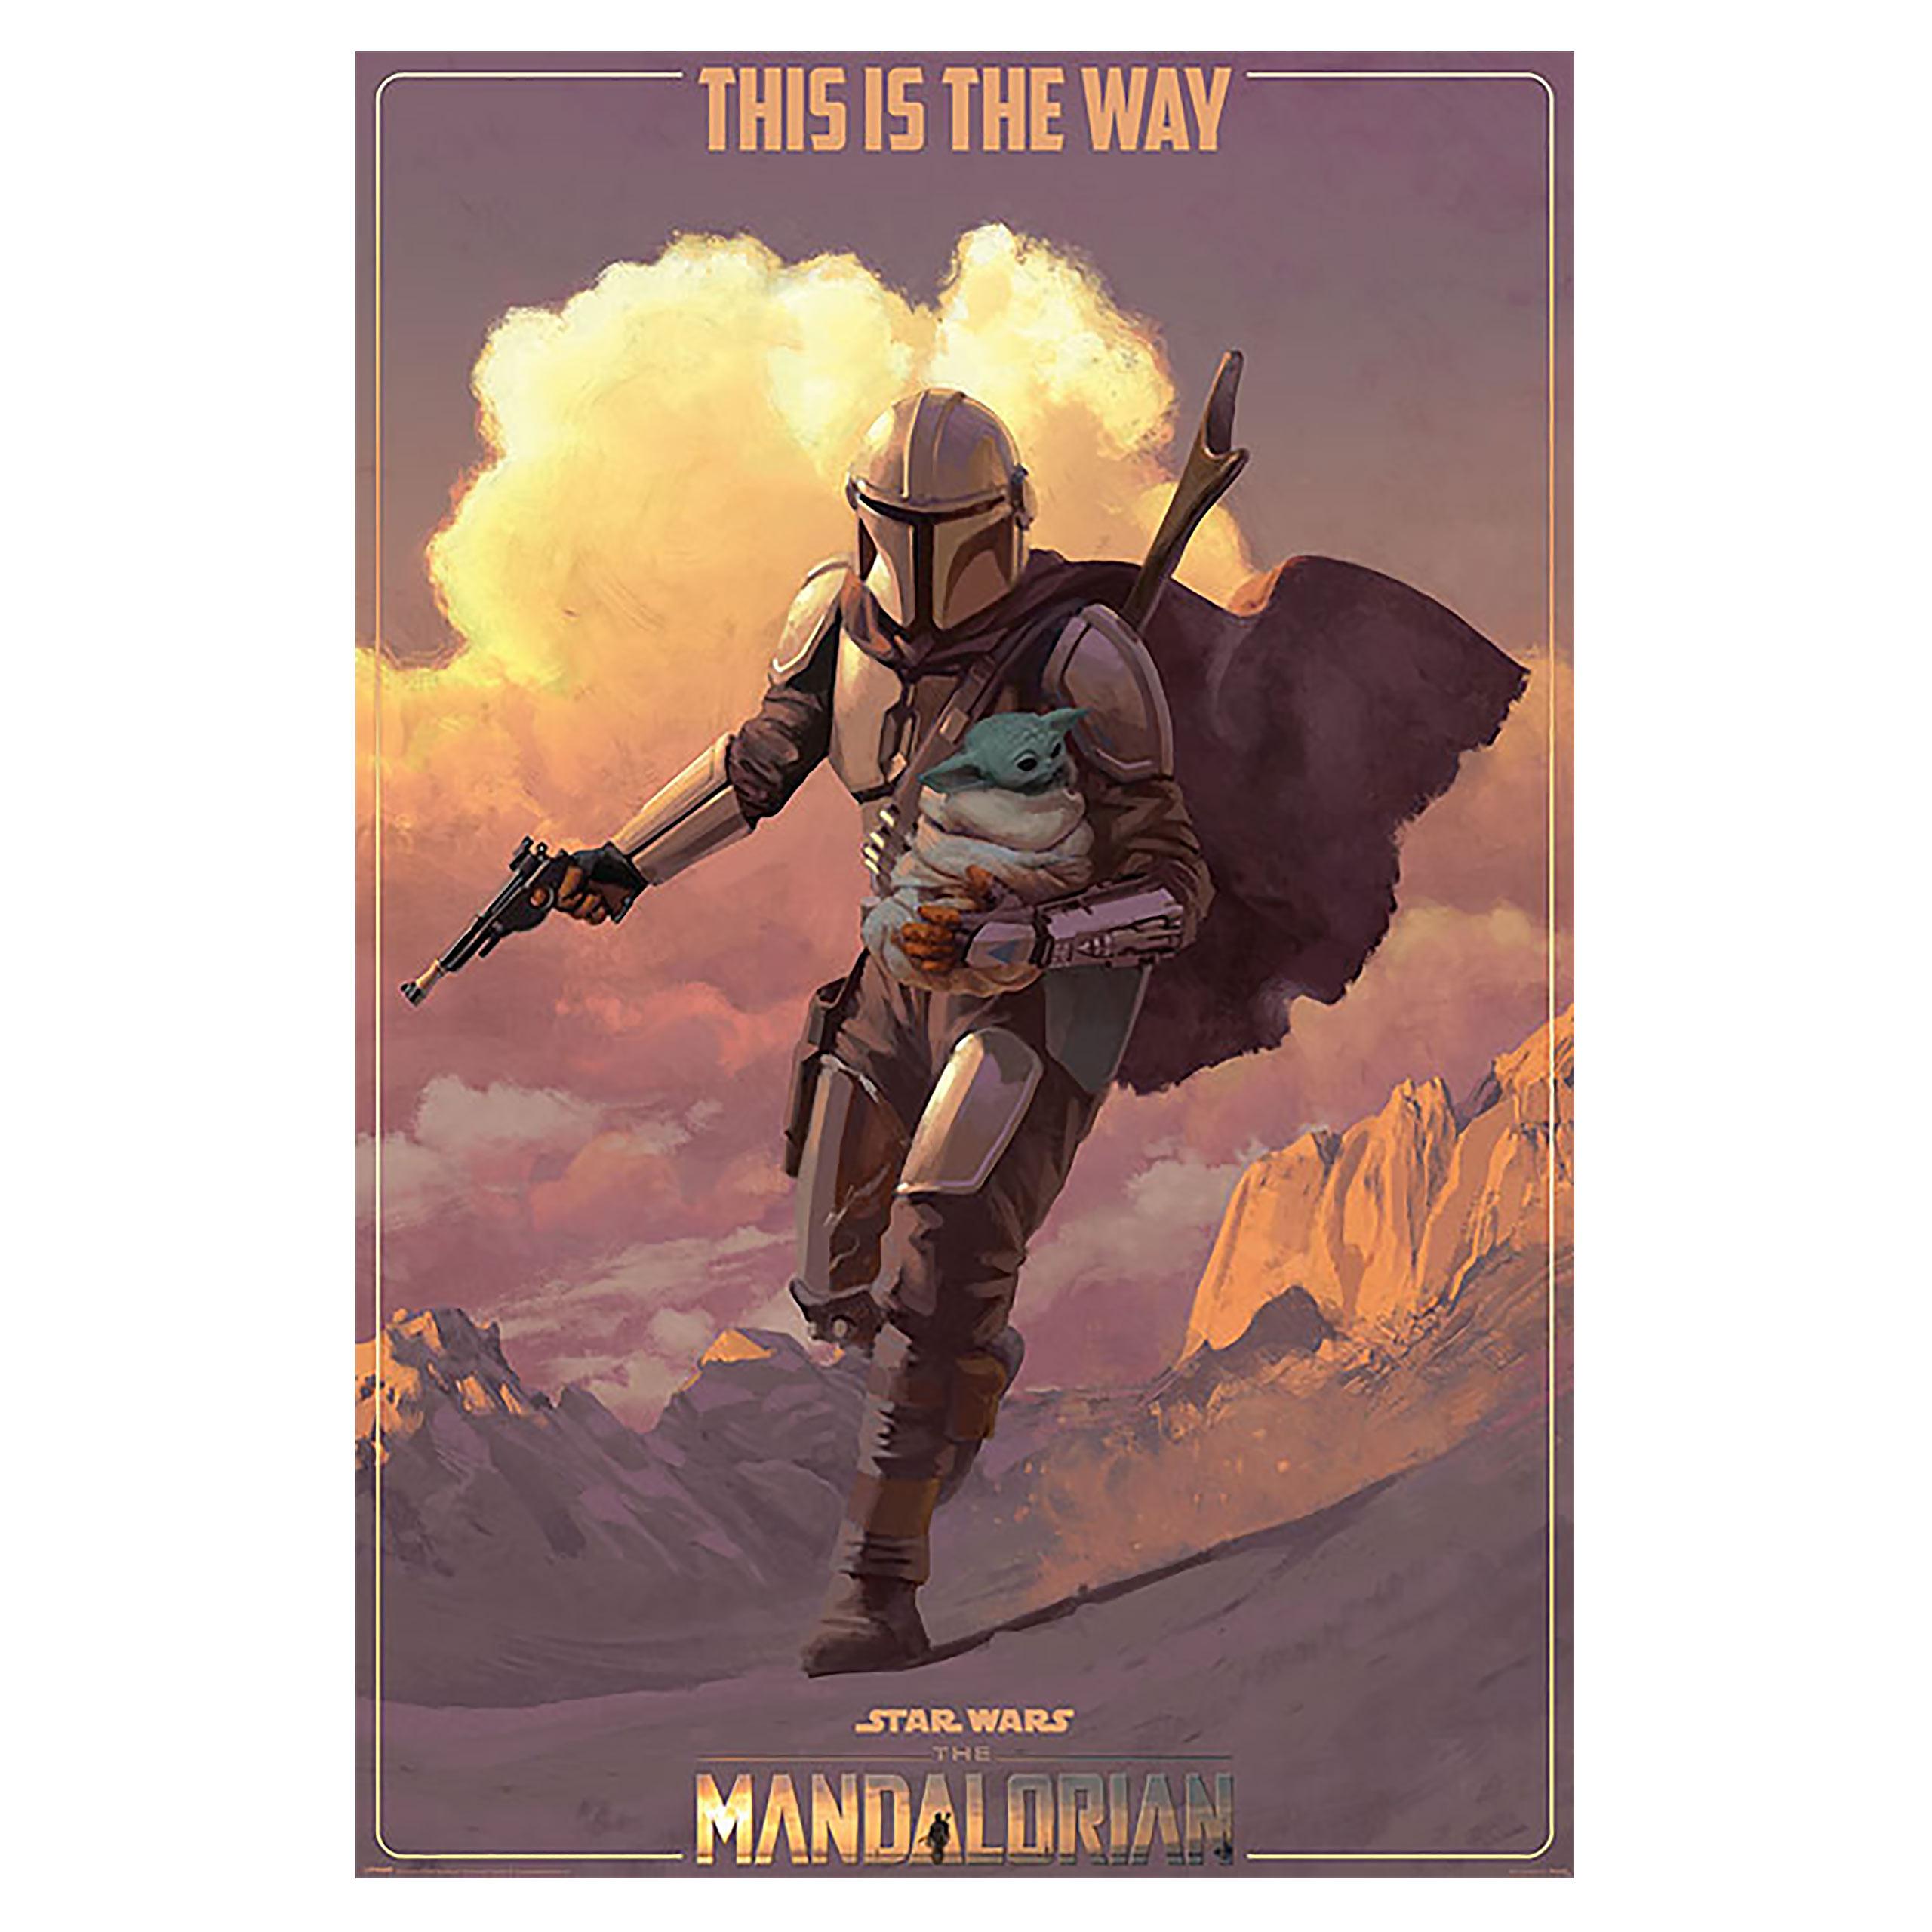 Mandalorian on the Run Maxi Poster - Star Wars The Mandalorian